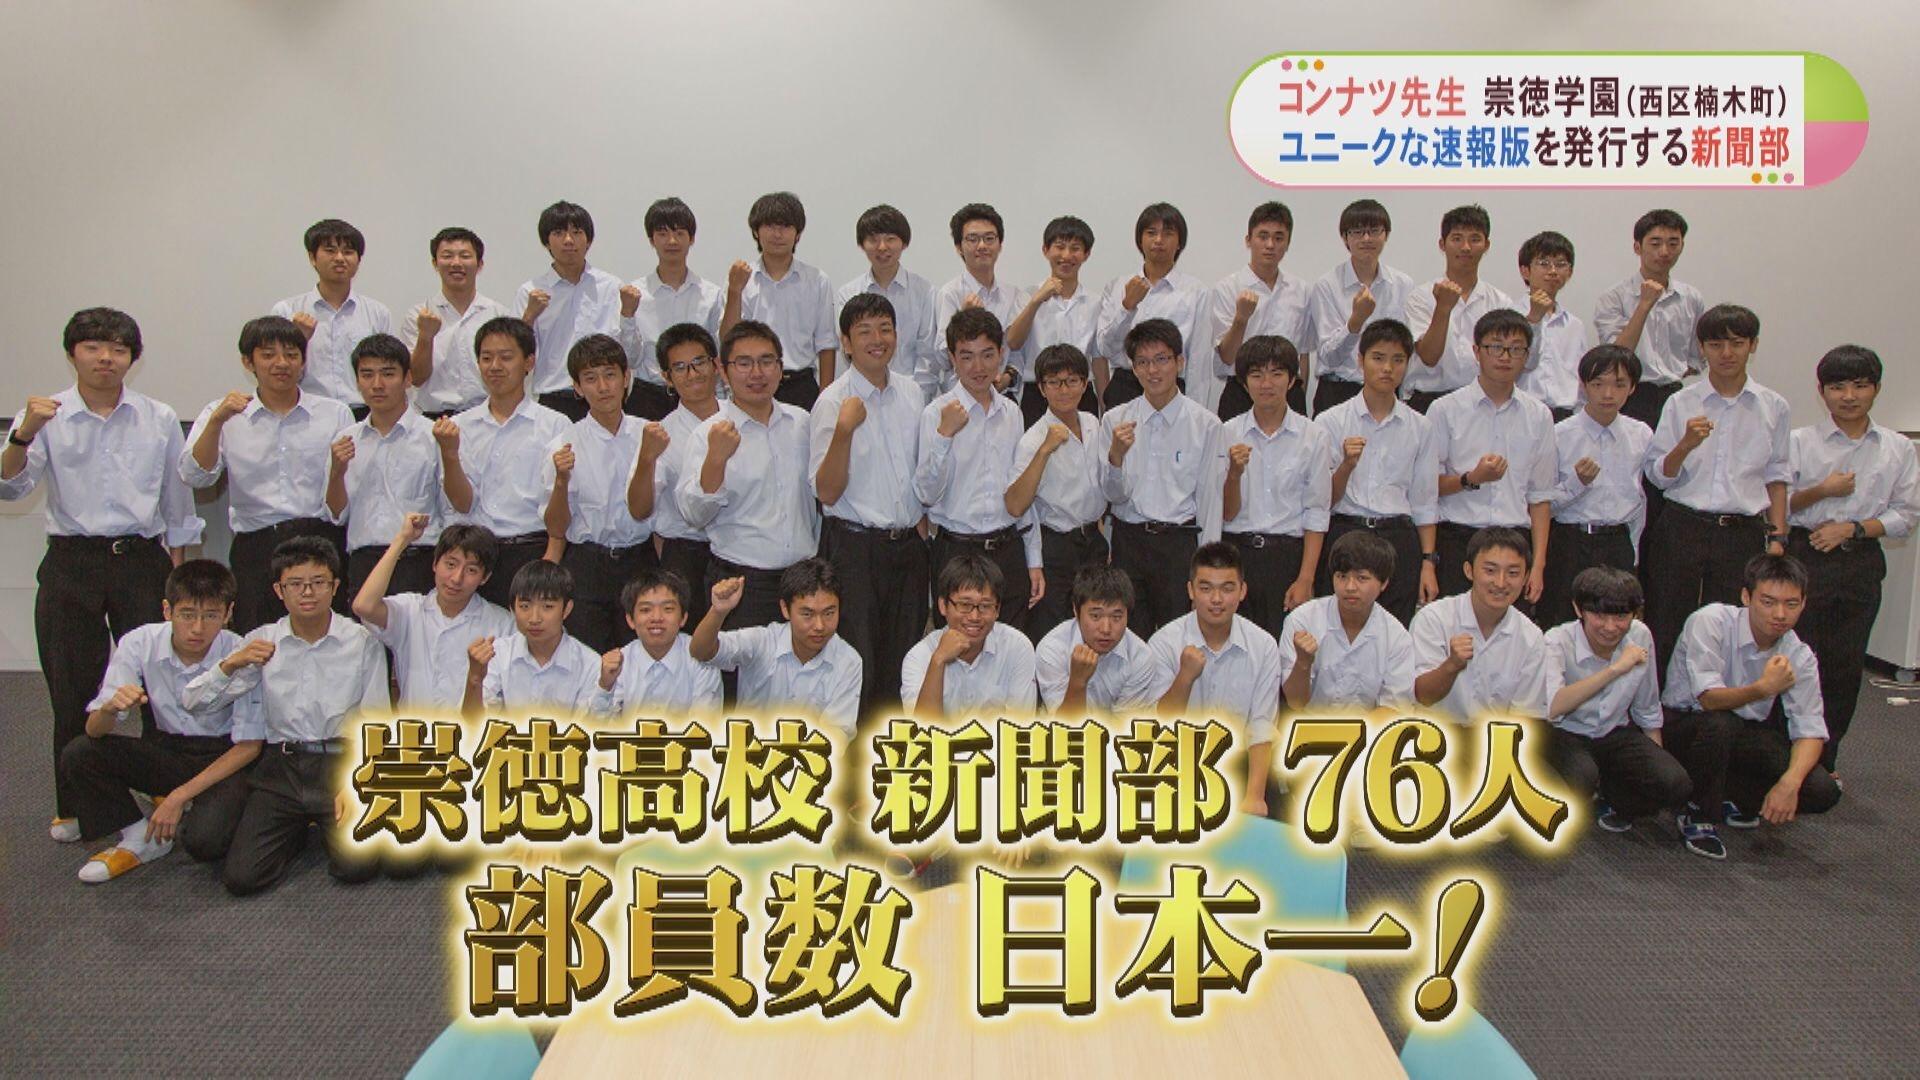 崇徳 高等 学校